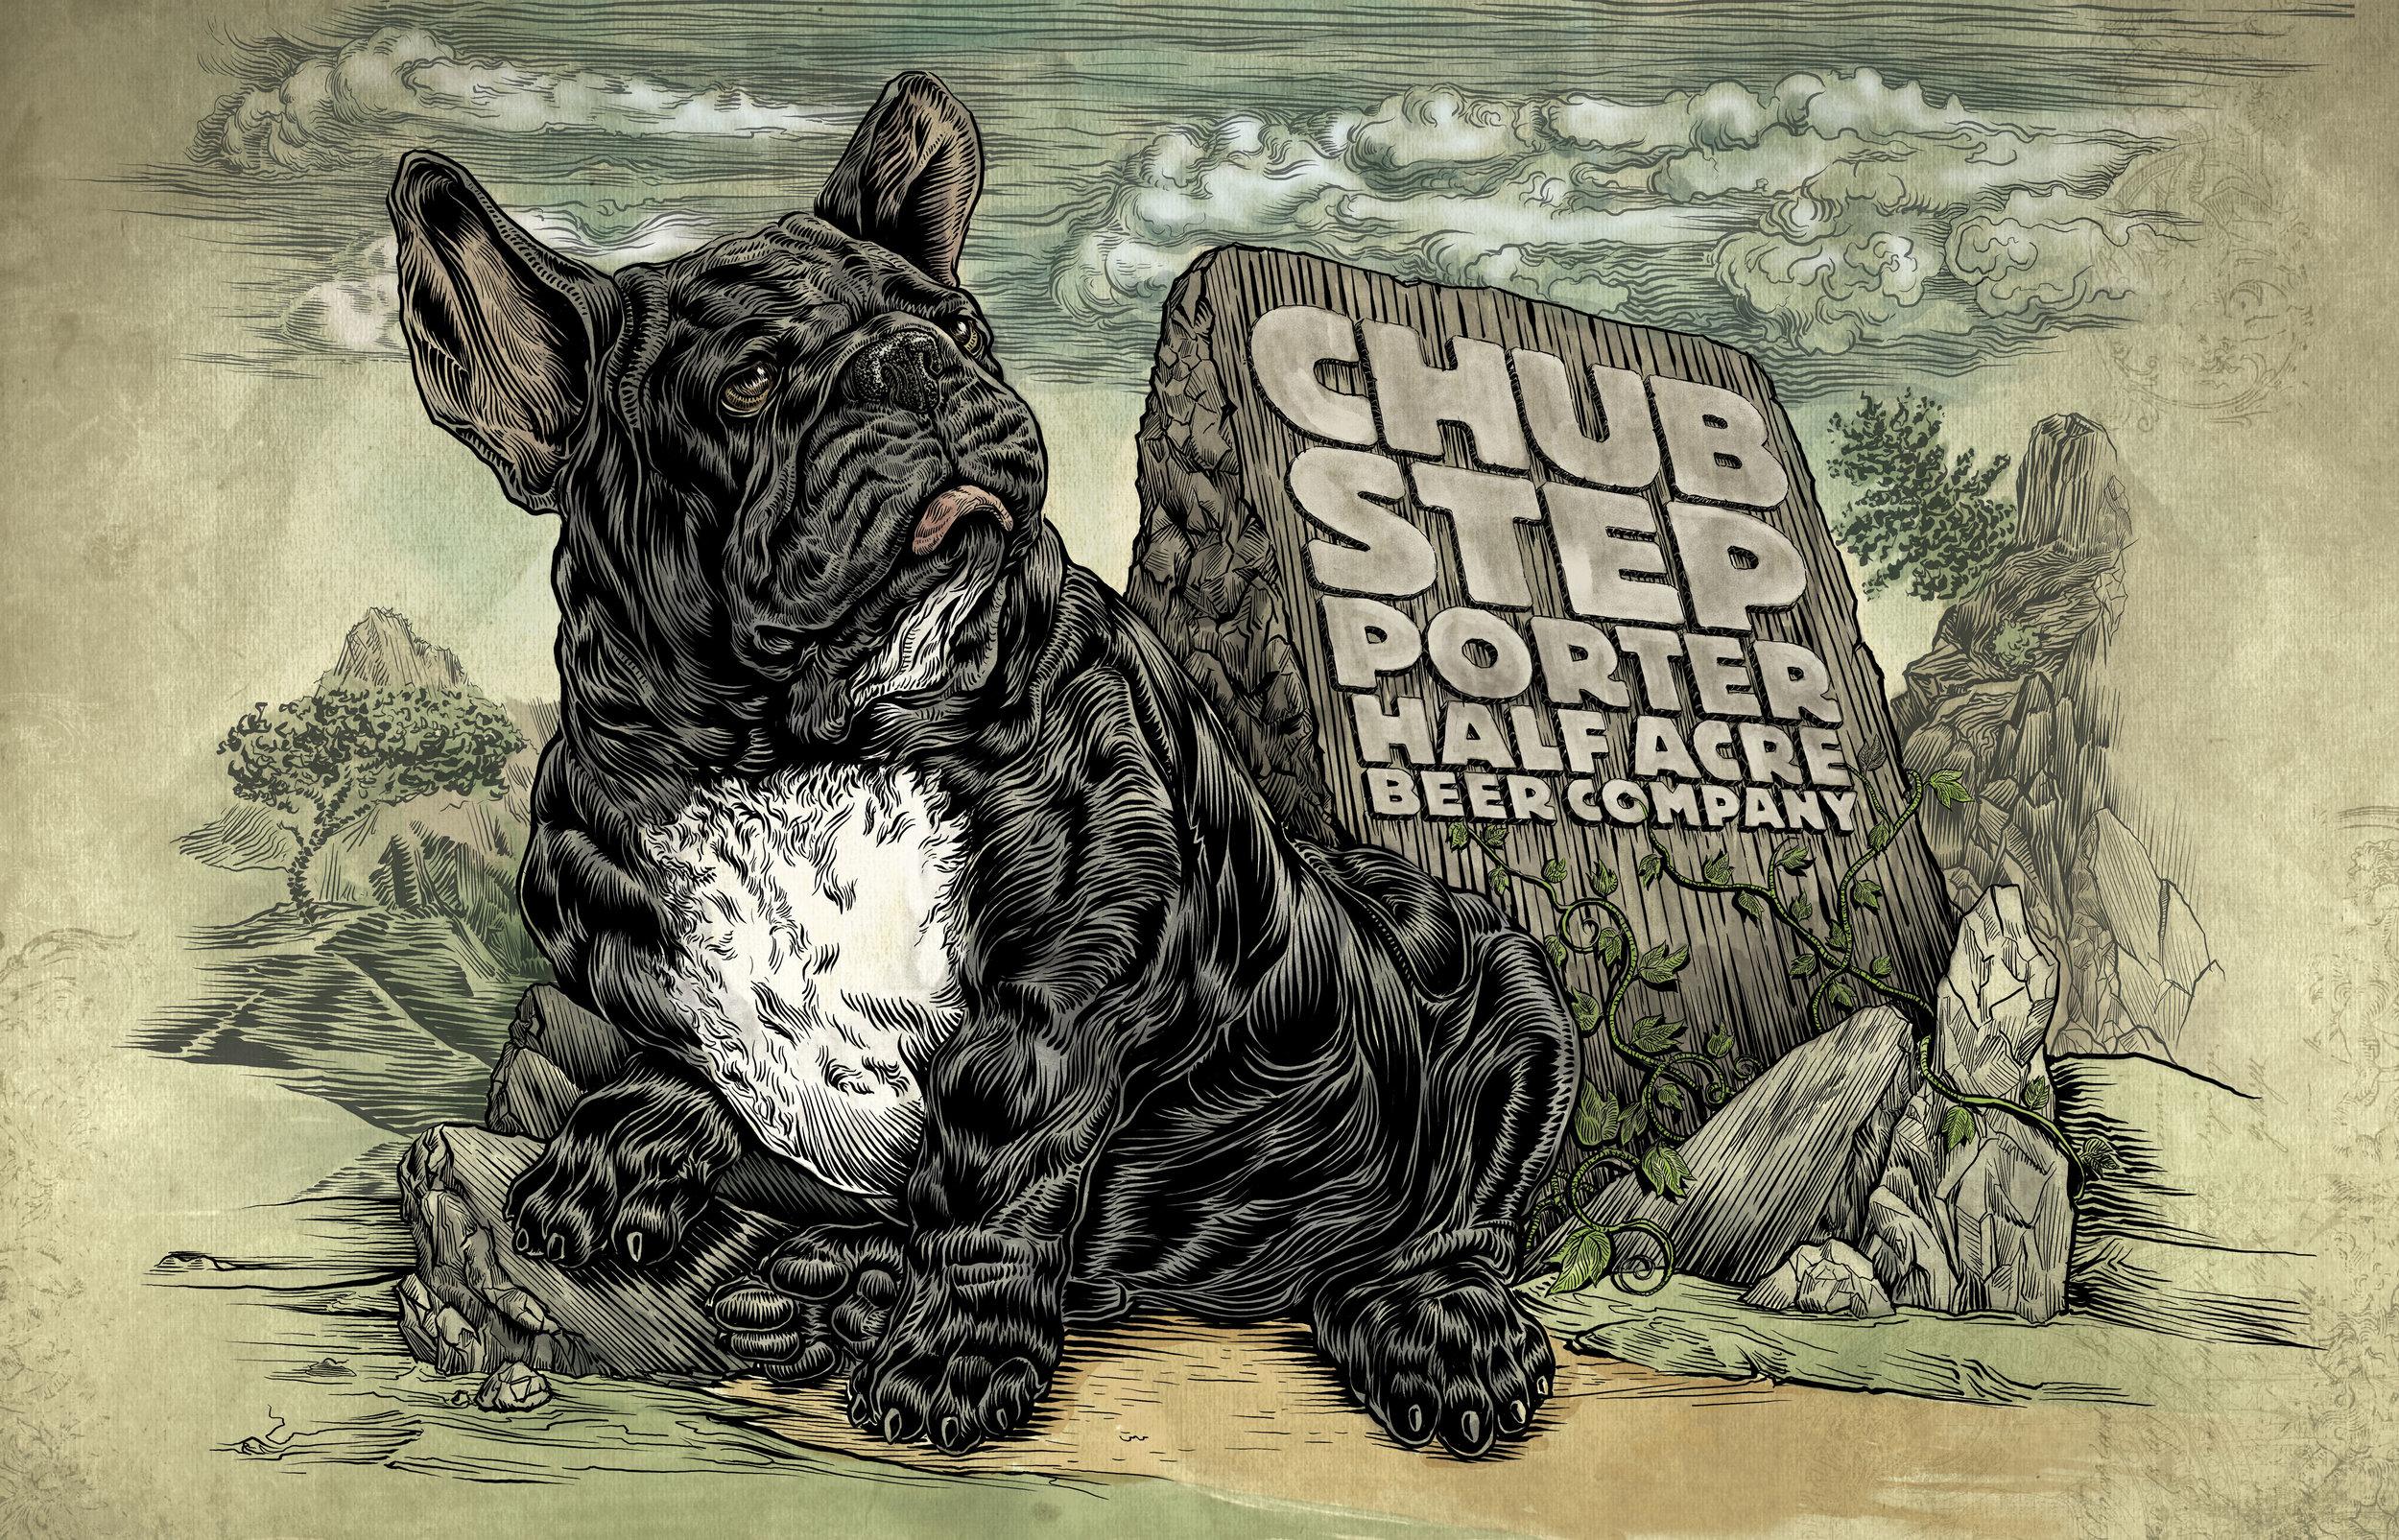 Chub Step 2018